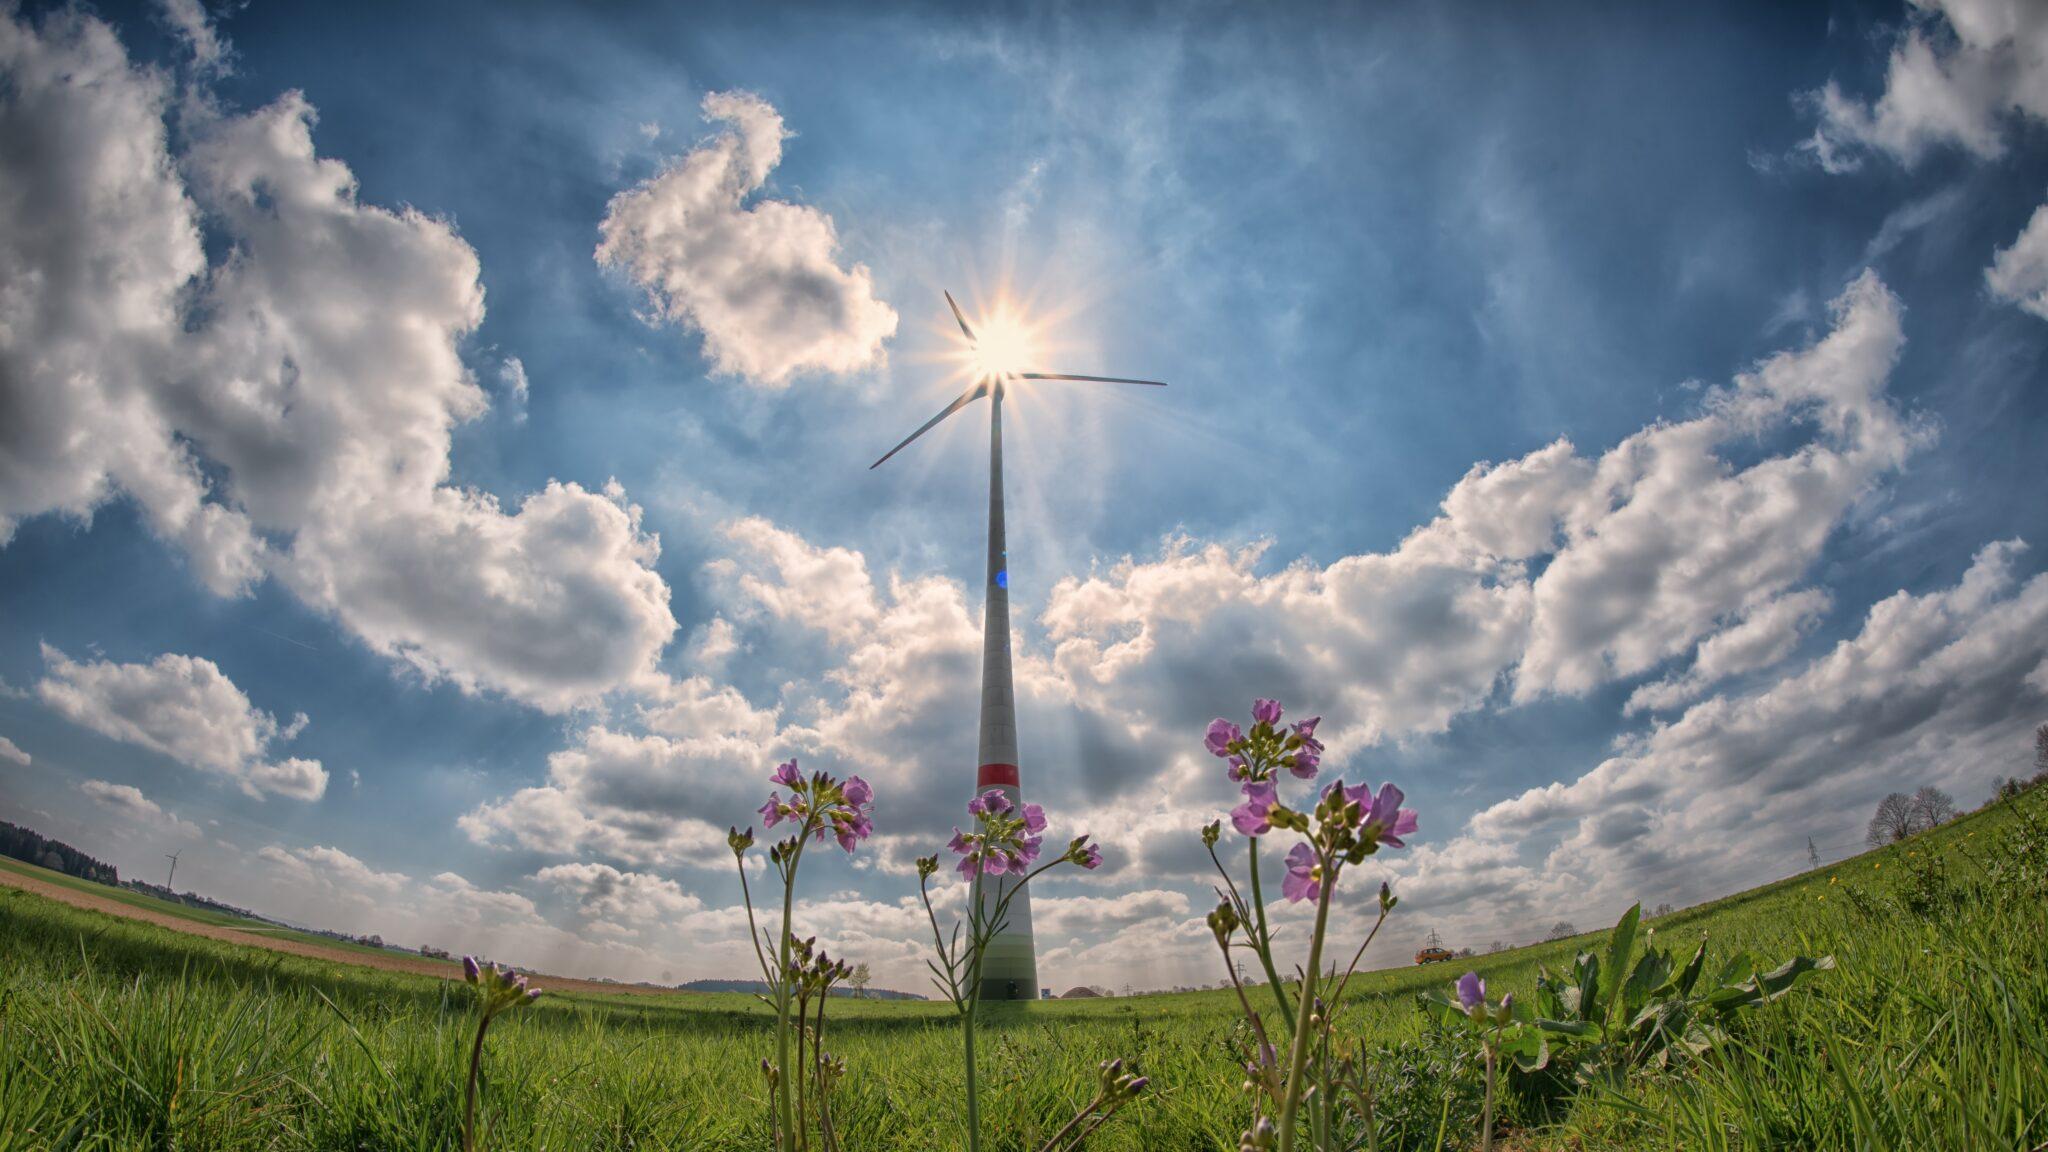 Weitwinkelaufnahme eines Windrades vor Sonne mit Blumen im Vordergrund